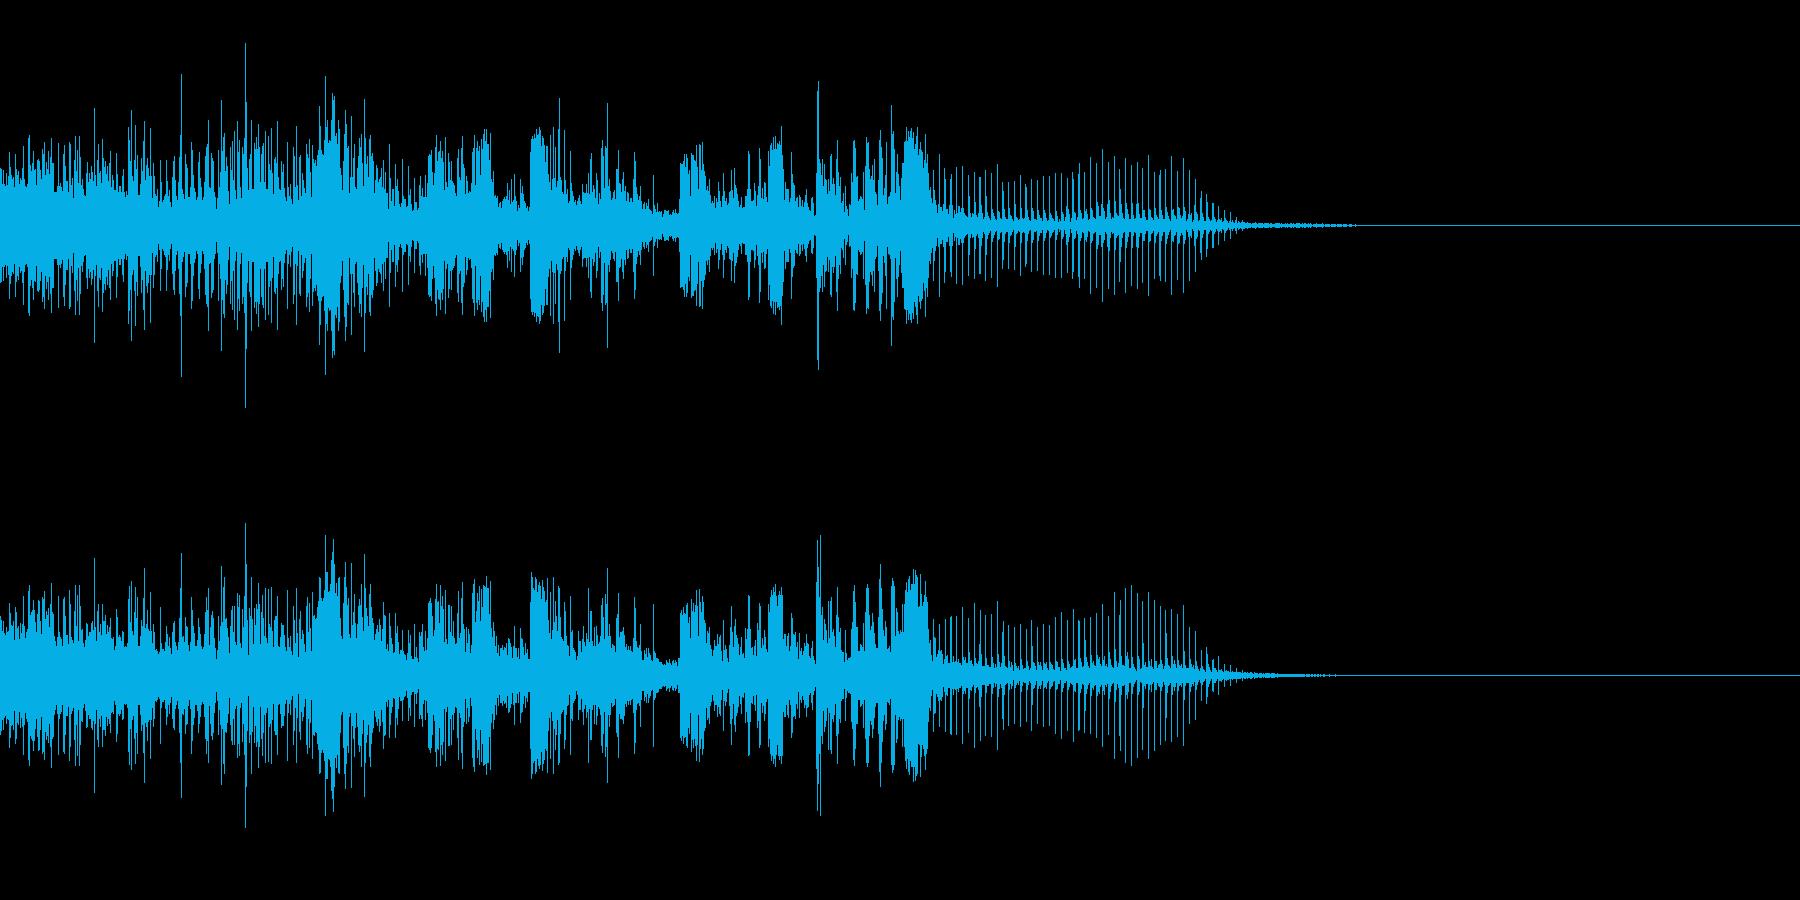 スパーク音-26の再生済みの波形